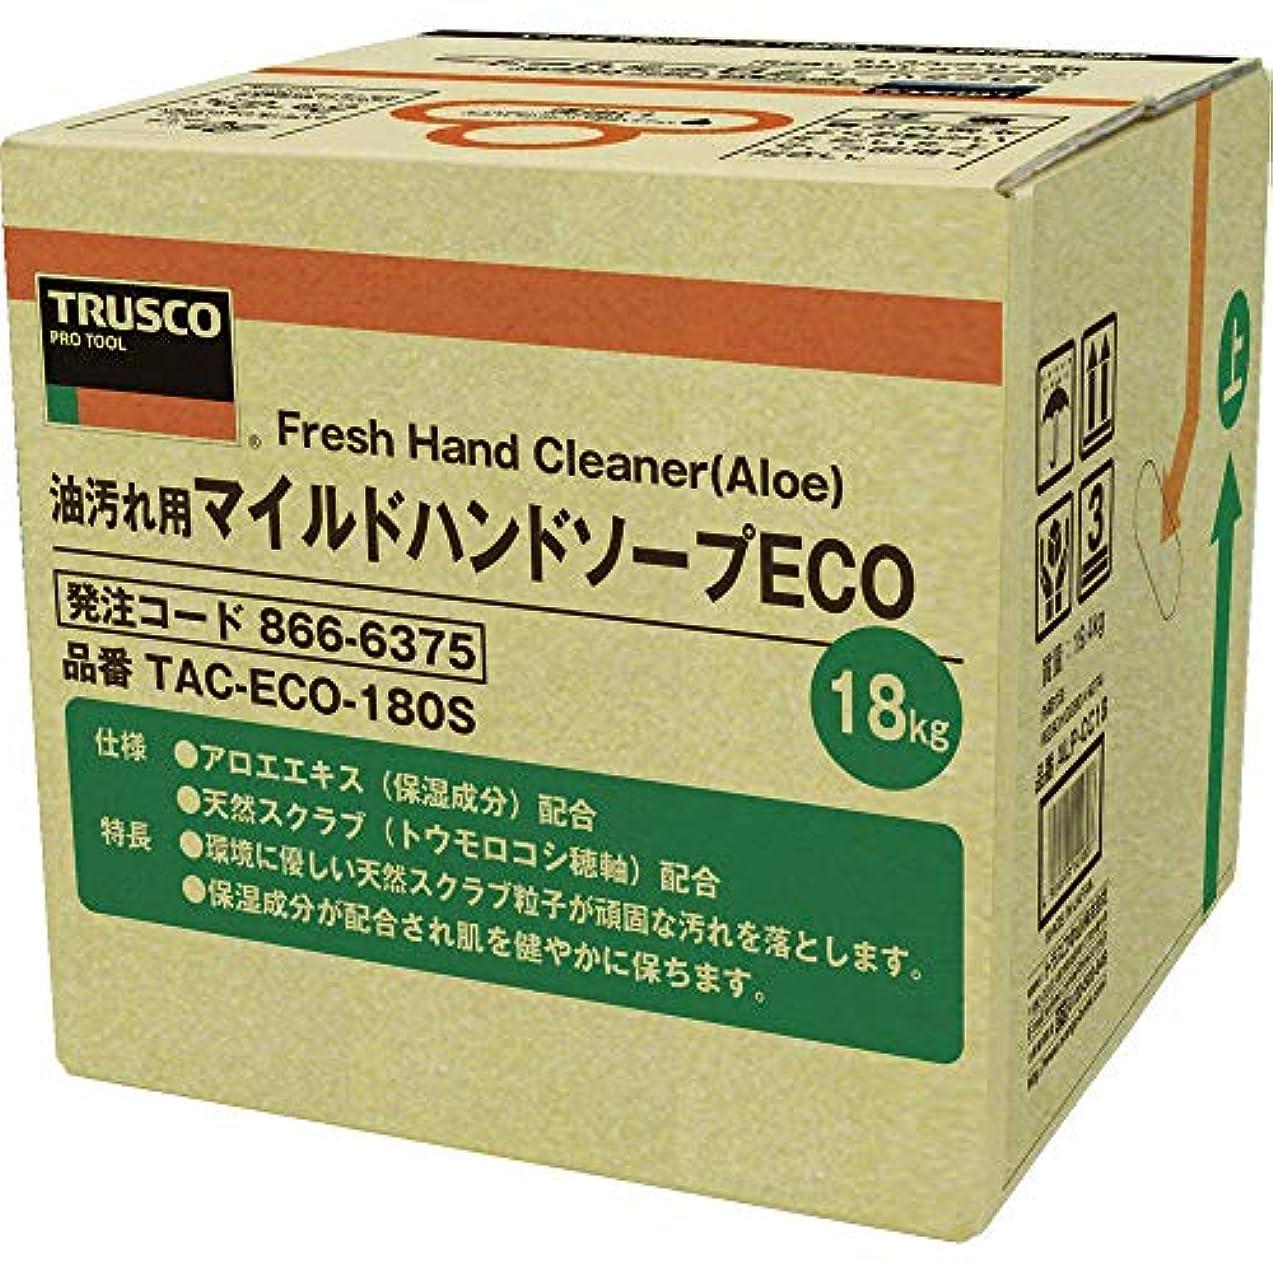 死急襲有能なTRUSCO(トラスコ) マイルドハンドソープ ECO 18L 詰替 バッグインボックス TACECO180S